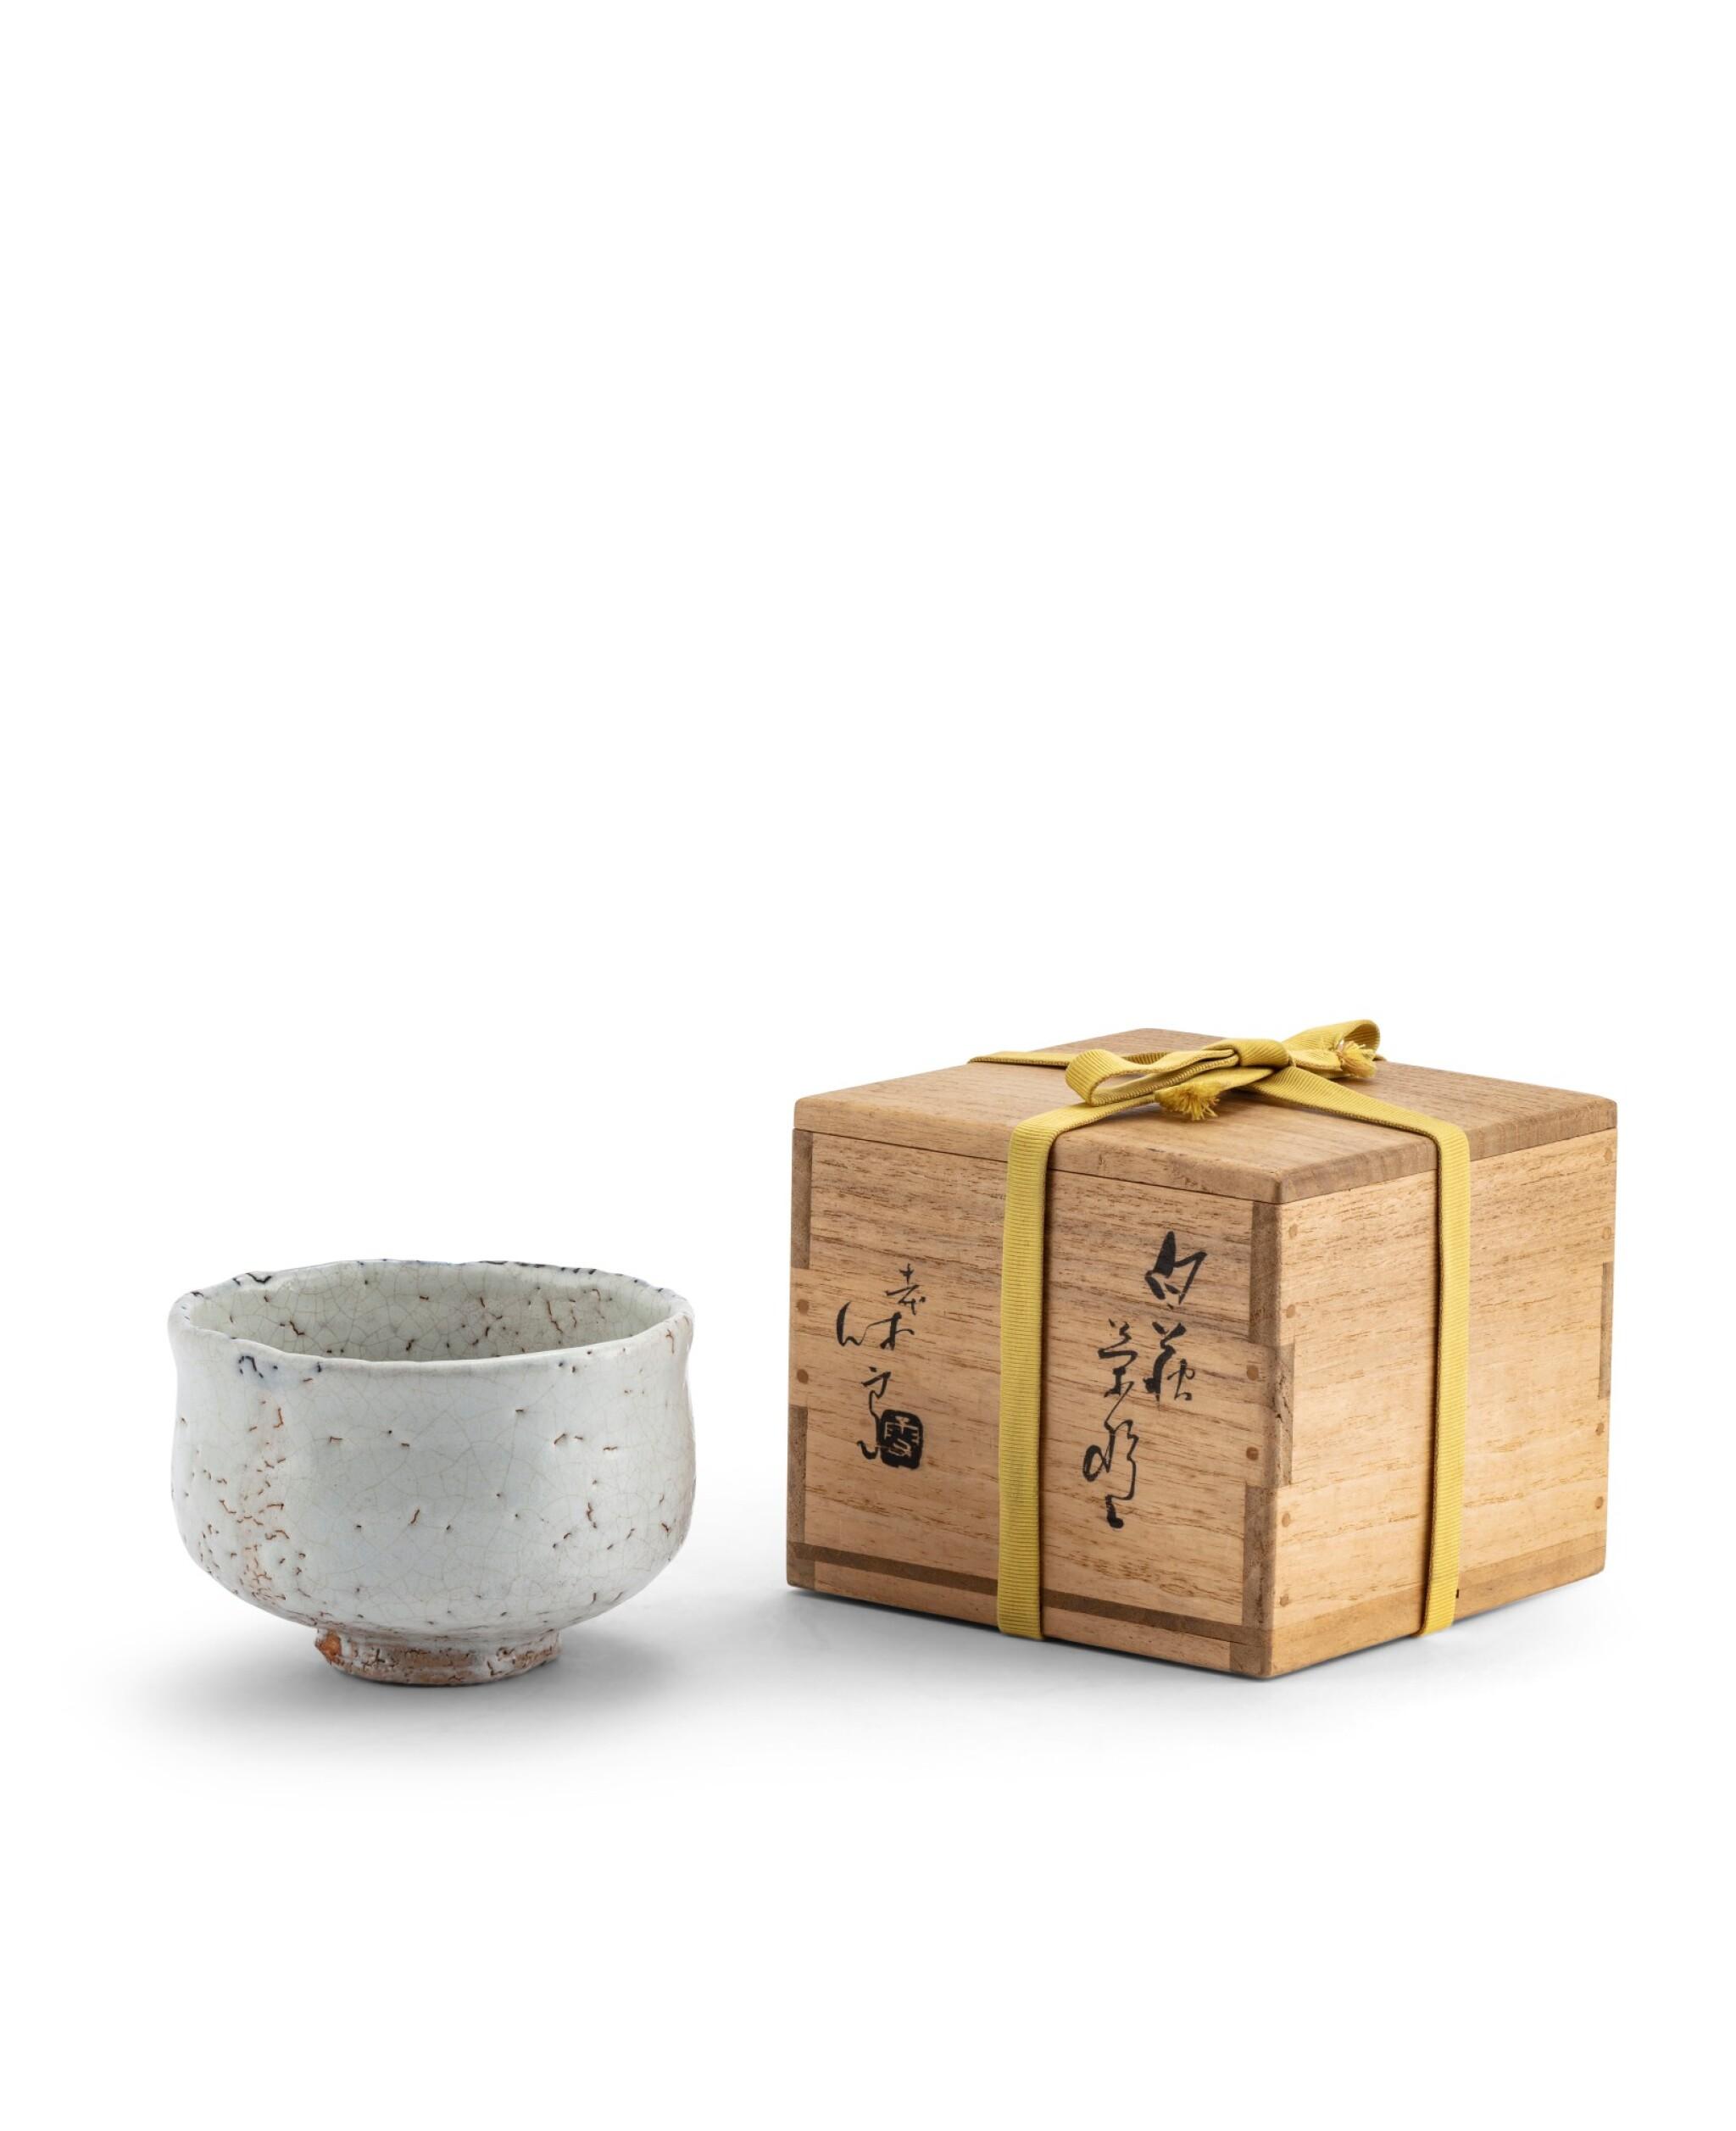 View 1 of Lot 266. Chawan [bol à thé] 'Hagi' en grès émaillé Kyusetsu Miwa XI (1910-2012) | 十一代三輪休雪 白萩茶碗 | A Hagi chawan (tea bowl), by Kyusetsu Miwa XI (1910-2012).